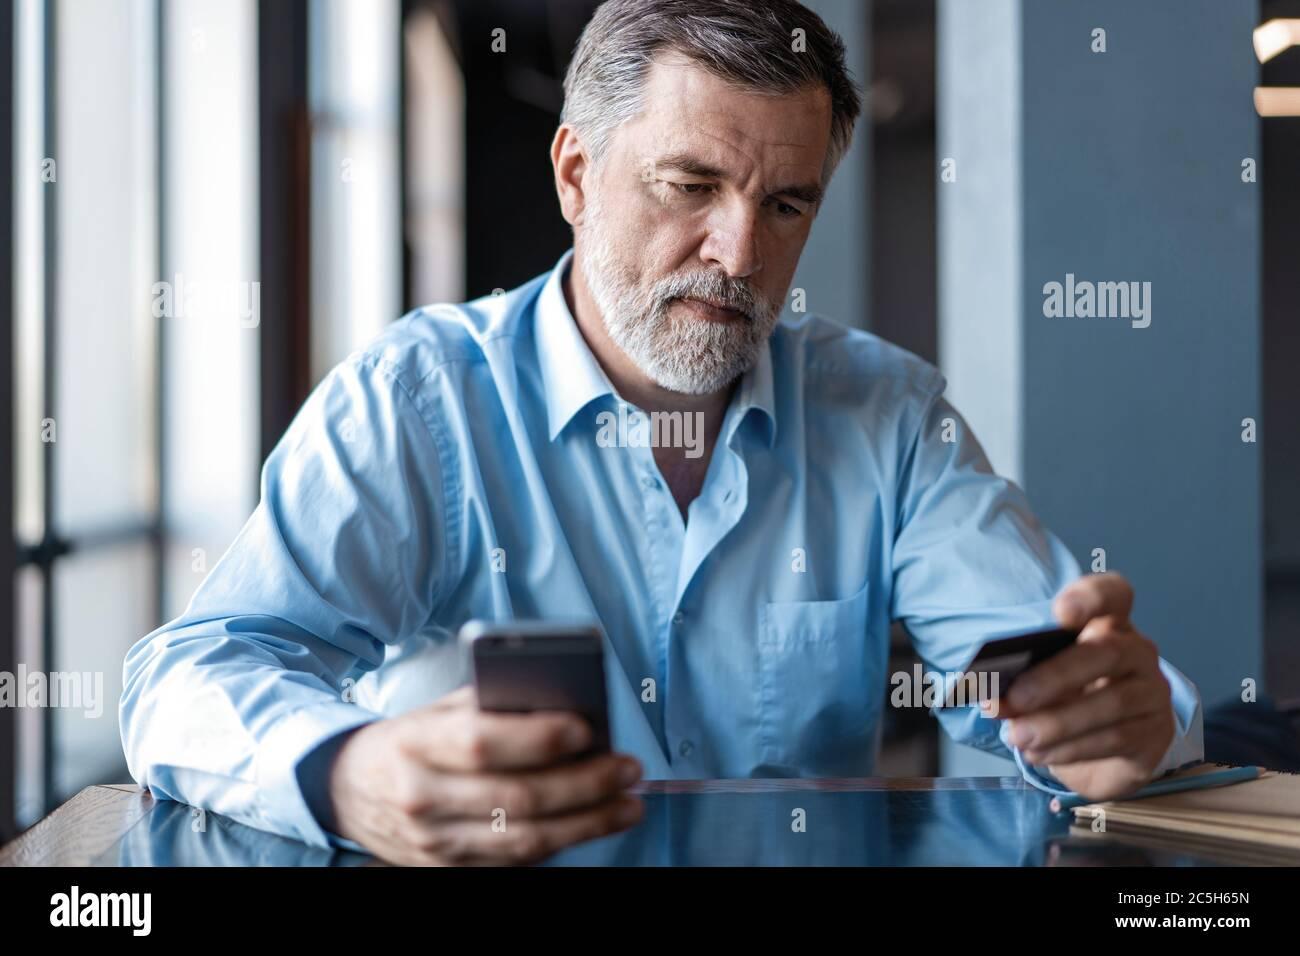 Paiement en ligne sur smartphone par mature Man. Beau chef d'entreprise mature assis dans un bureau moderne Banque D'Images